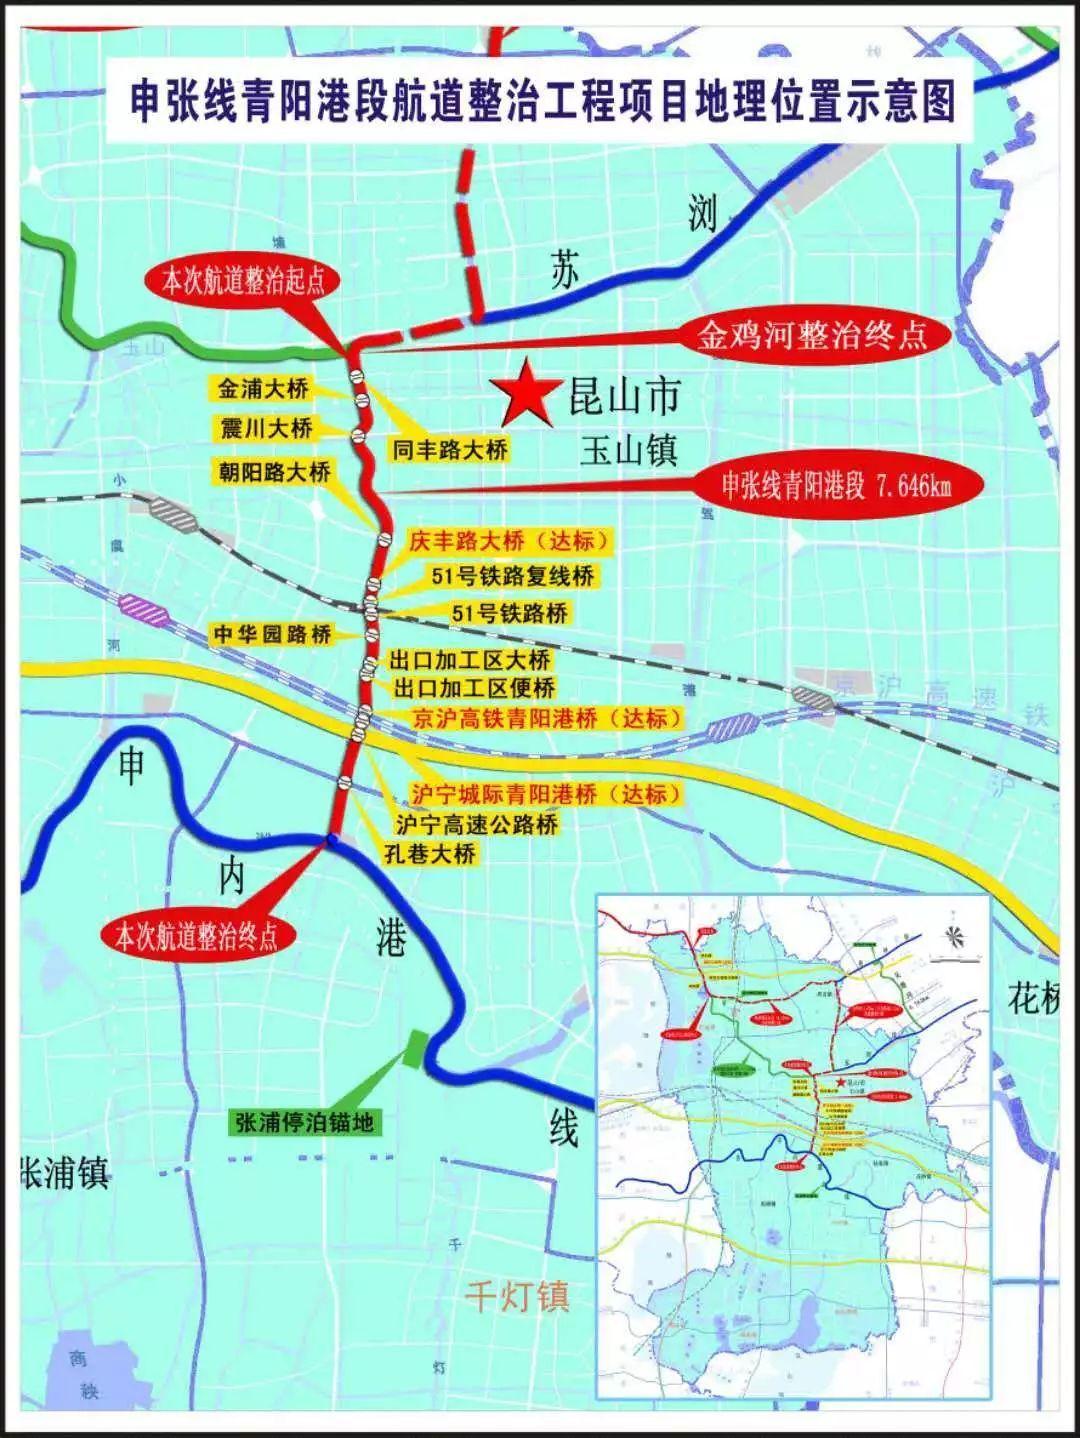 苏州中环快速路北段_昆山中环对接苏州中环等两大项目开工!总投资近100亿元!_航道